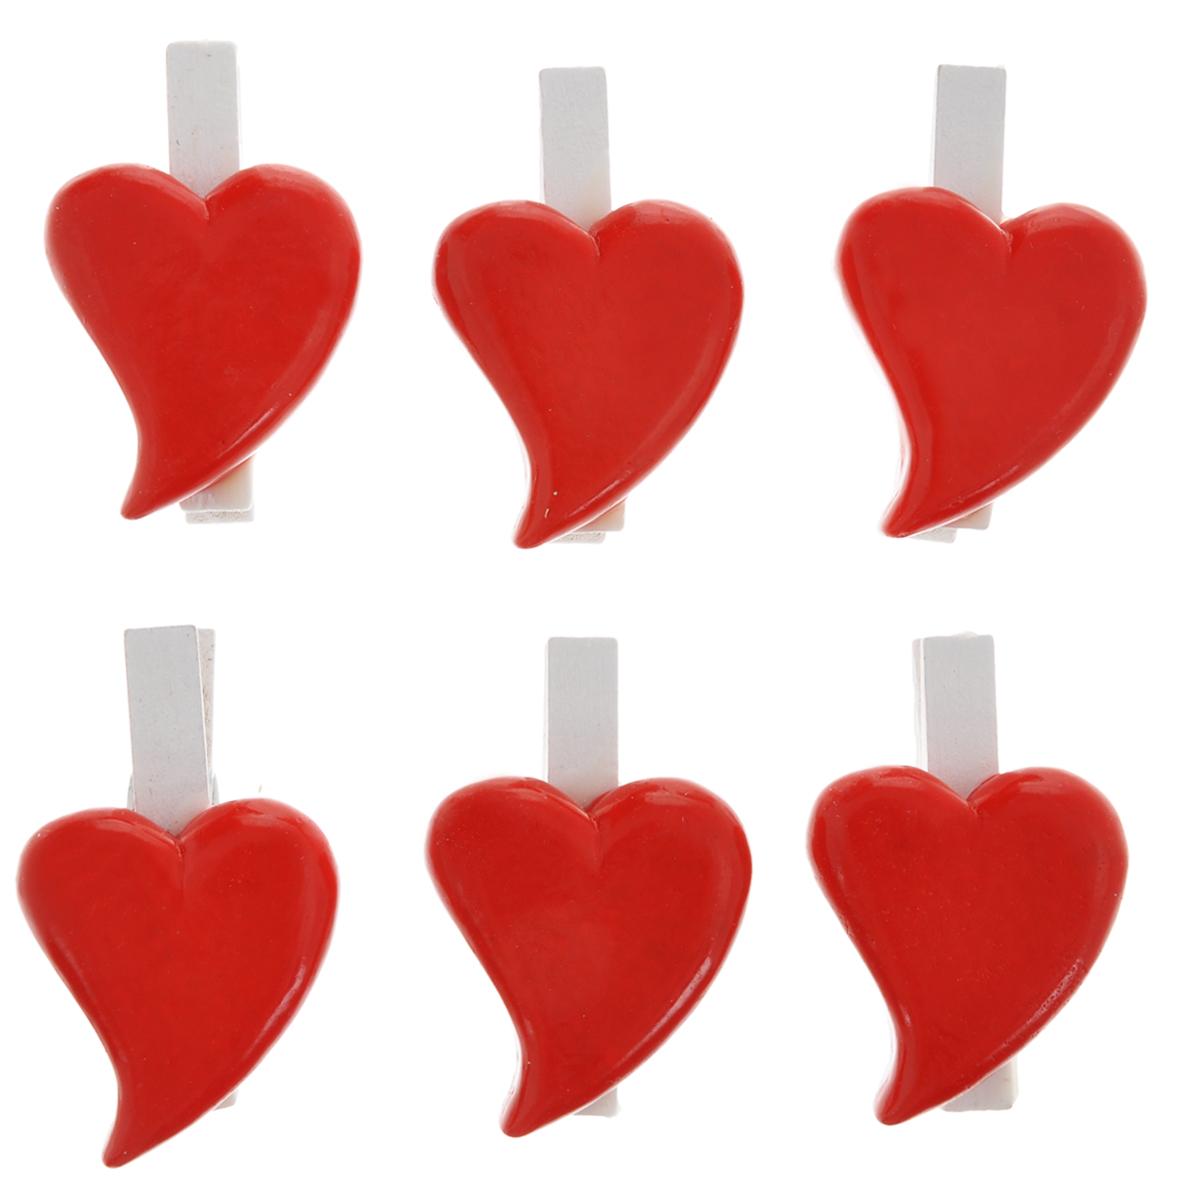 Набор декоративных прищепок Феникс-презент Влюбленные сердечки, 6 штK100Набор Феникс-презент Влюбленные сердечки состоит из 6 декоративных прищепок,выполненных из дерева. Прищепки оформлены фигурками из полирезины в виде сердец.Изделия используются для развешивания стикеров на веревке и маленьких игрушек, аоригинальность и веселые цвета прищепок будут радовать глаз и поднимут настроение.Такой набор станет прекрасным дополнением к оформлению вашего интерьера.Длина прищепки: 4,5 см.Размер фигурки: 3,5 см х 3 см х 0,7 см.